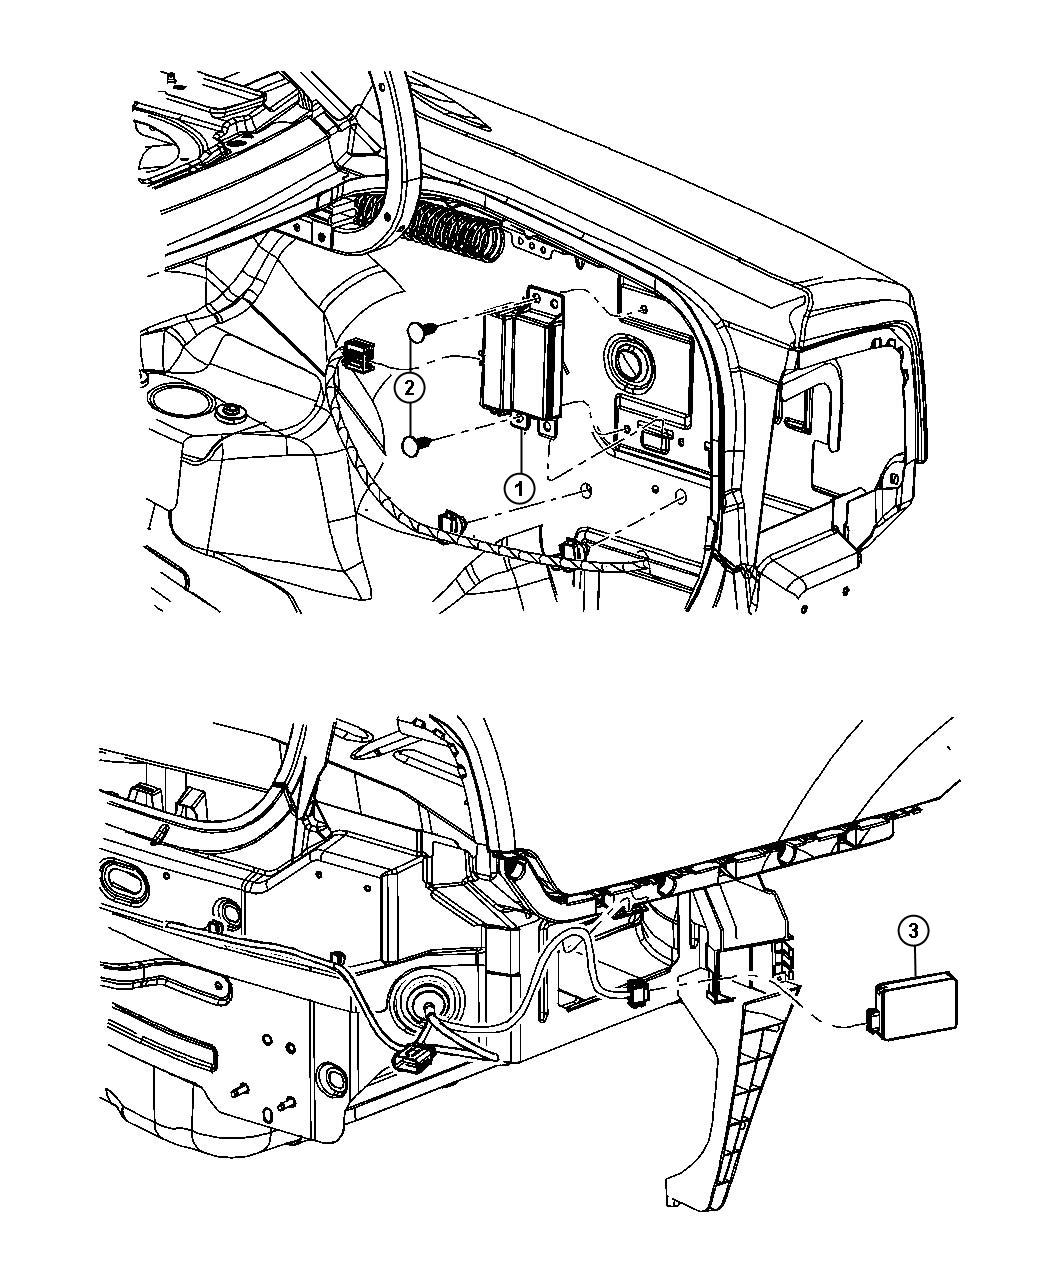 Dodge Charger Sensor. Blind spot detection